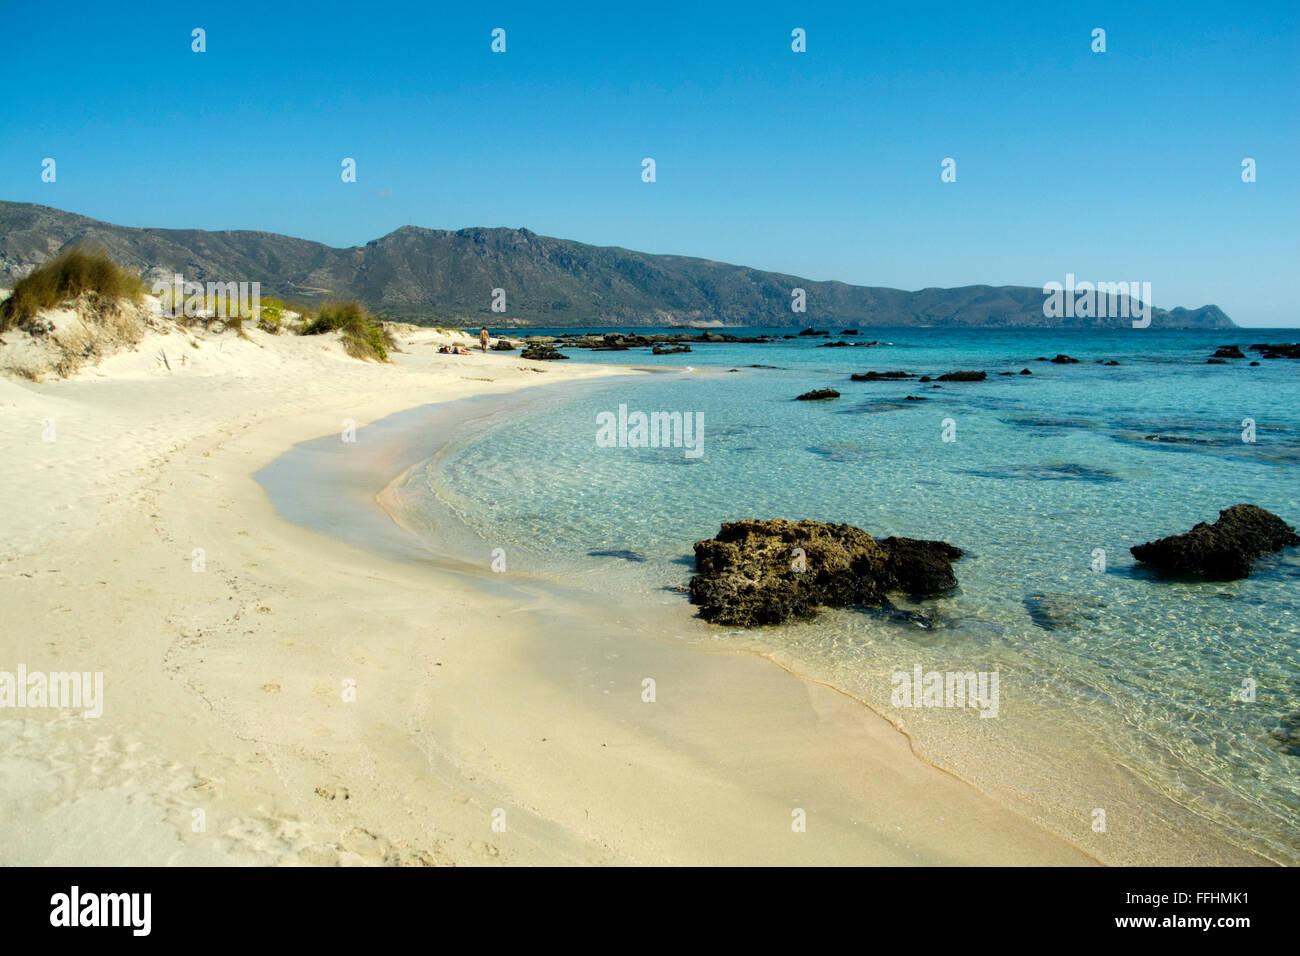 Griechenland, Kreta, Westküste, Elafonissi, eine kleine Insel die bei ruhigem Wetter ohne Wellengang mit Kreta - Stock Image